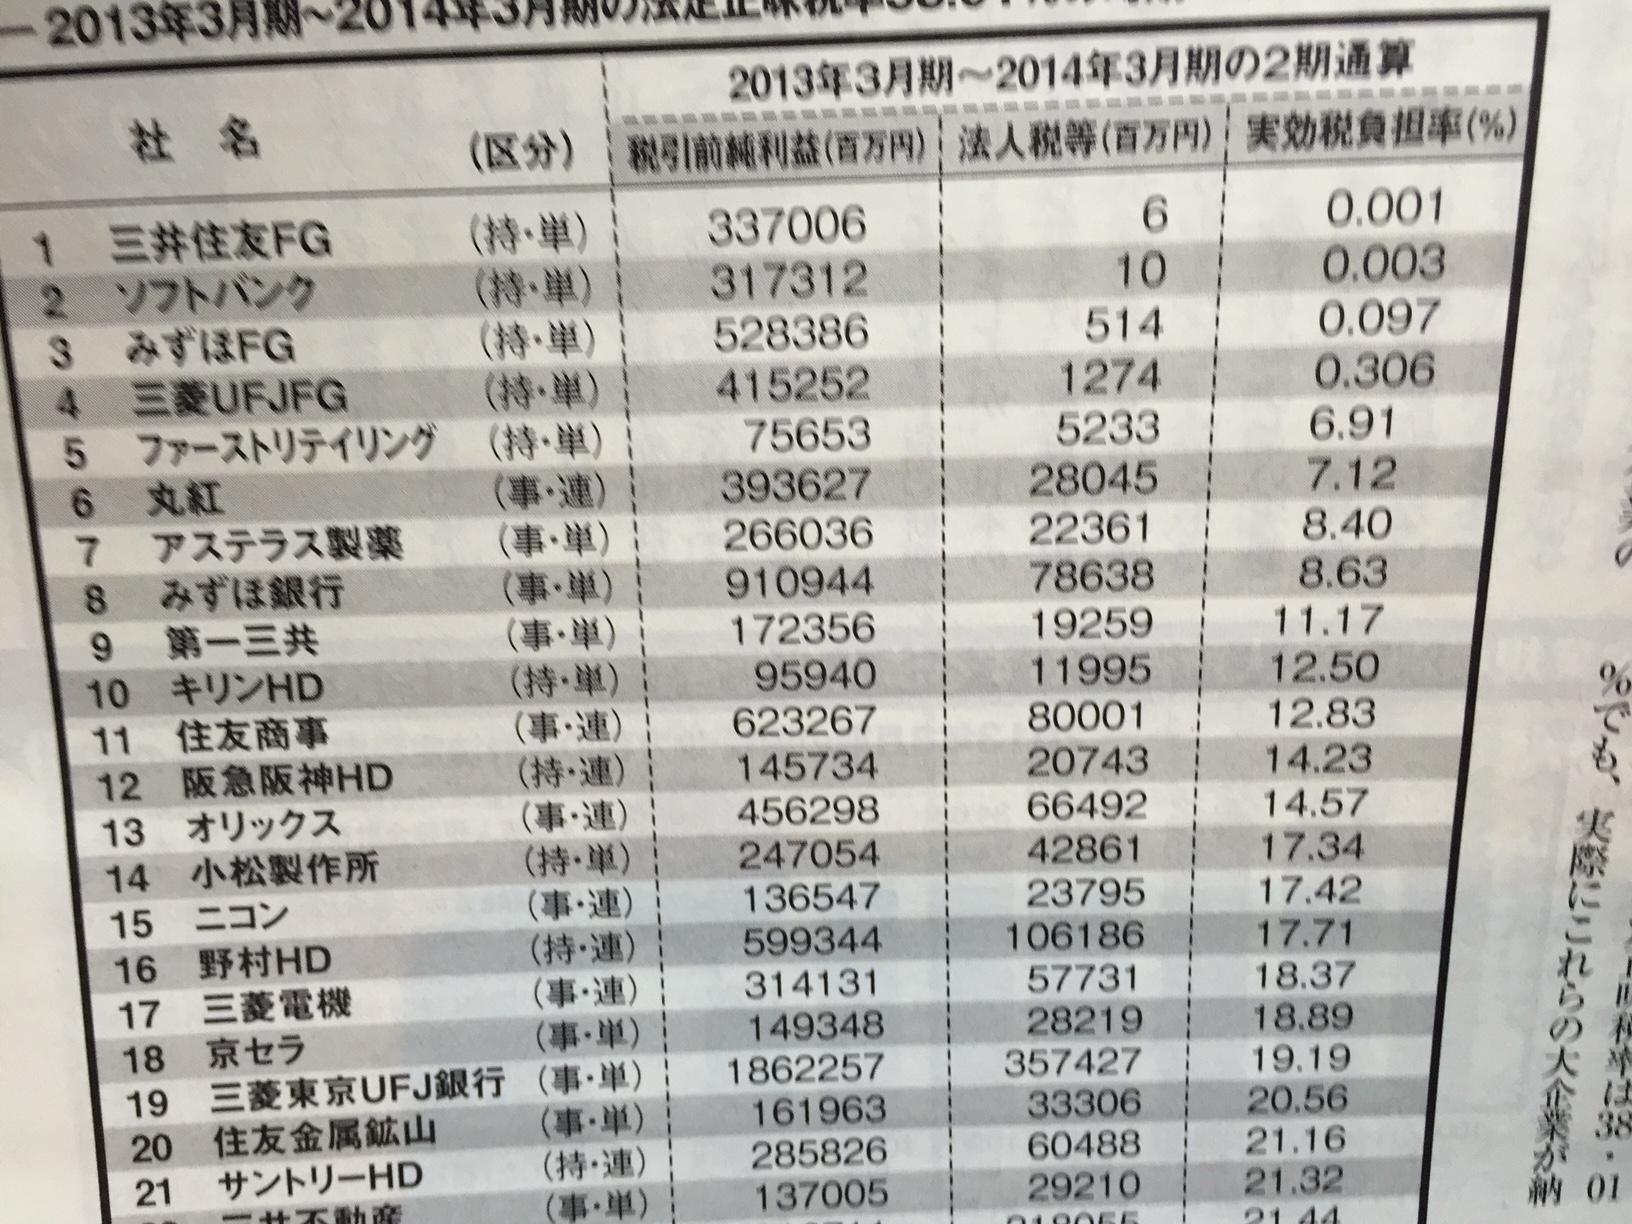 20150328税金逃れ大企業